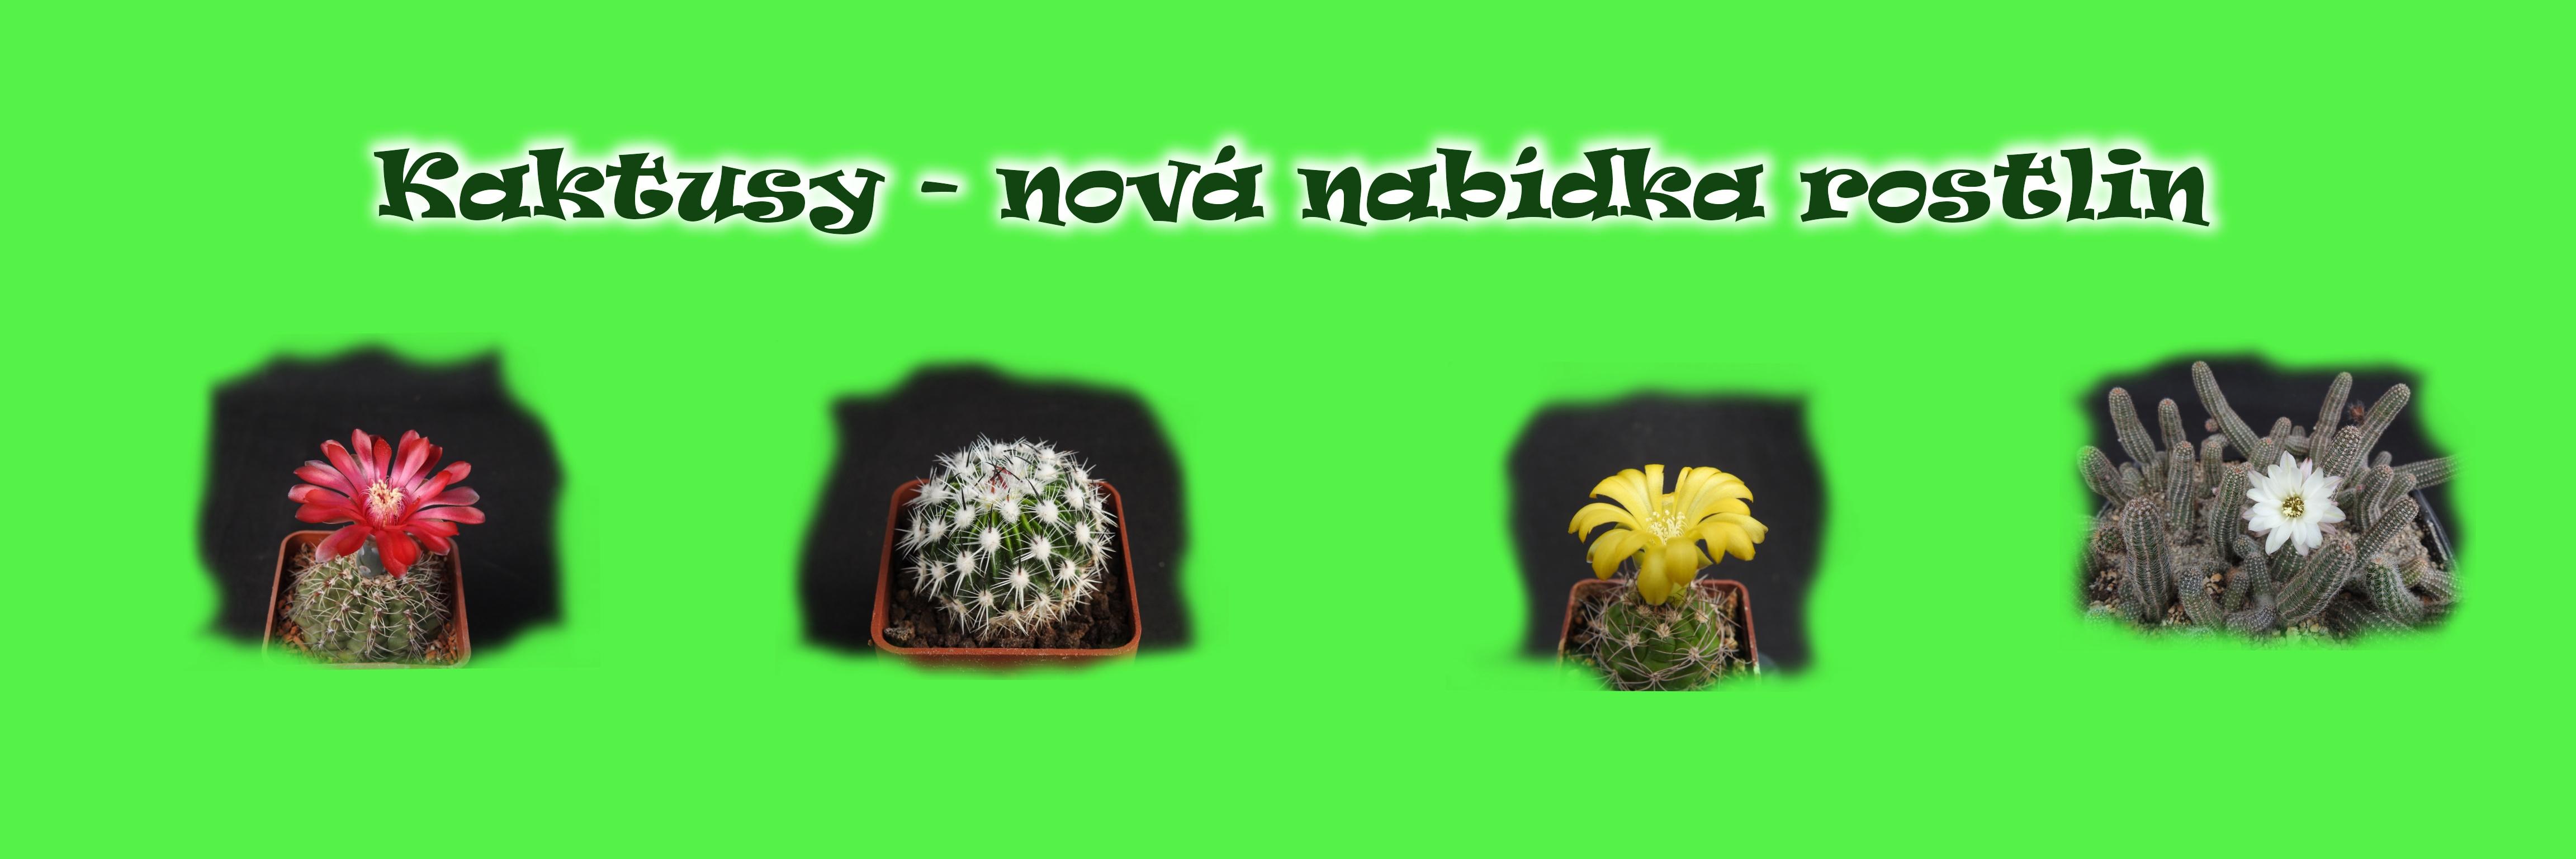 kaktusy---nov-nabdka-rostlin1